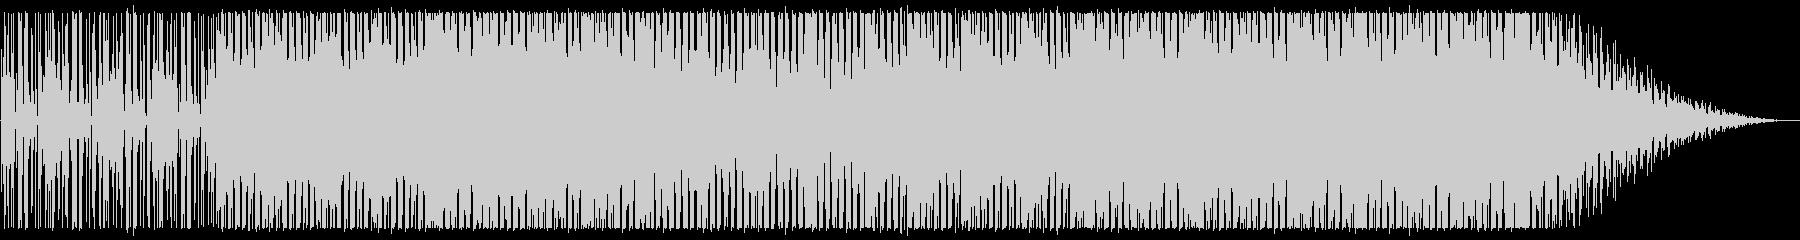 クール/都会/ハウス_No442の未再生の波形